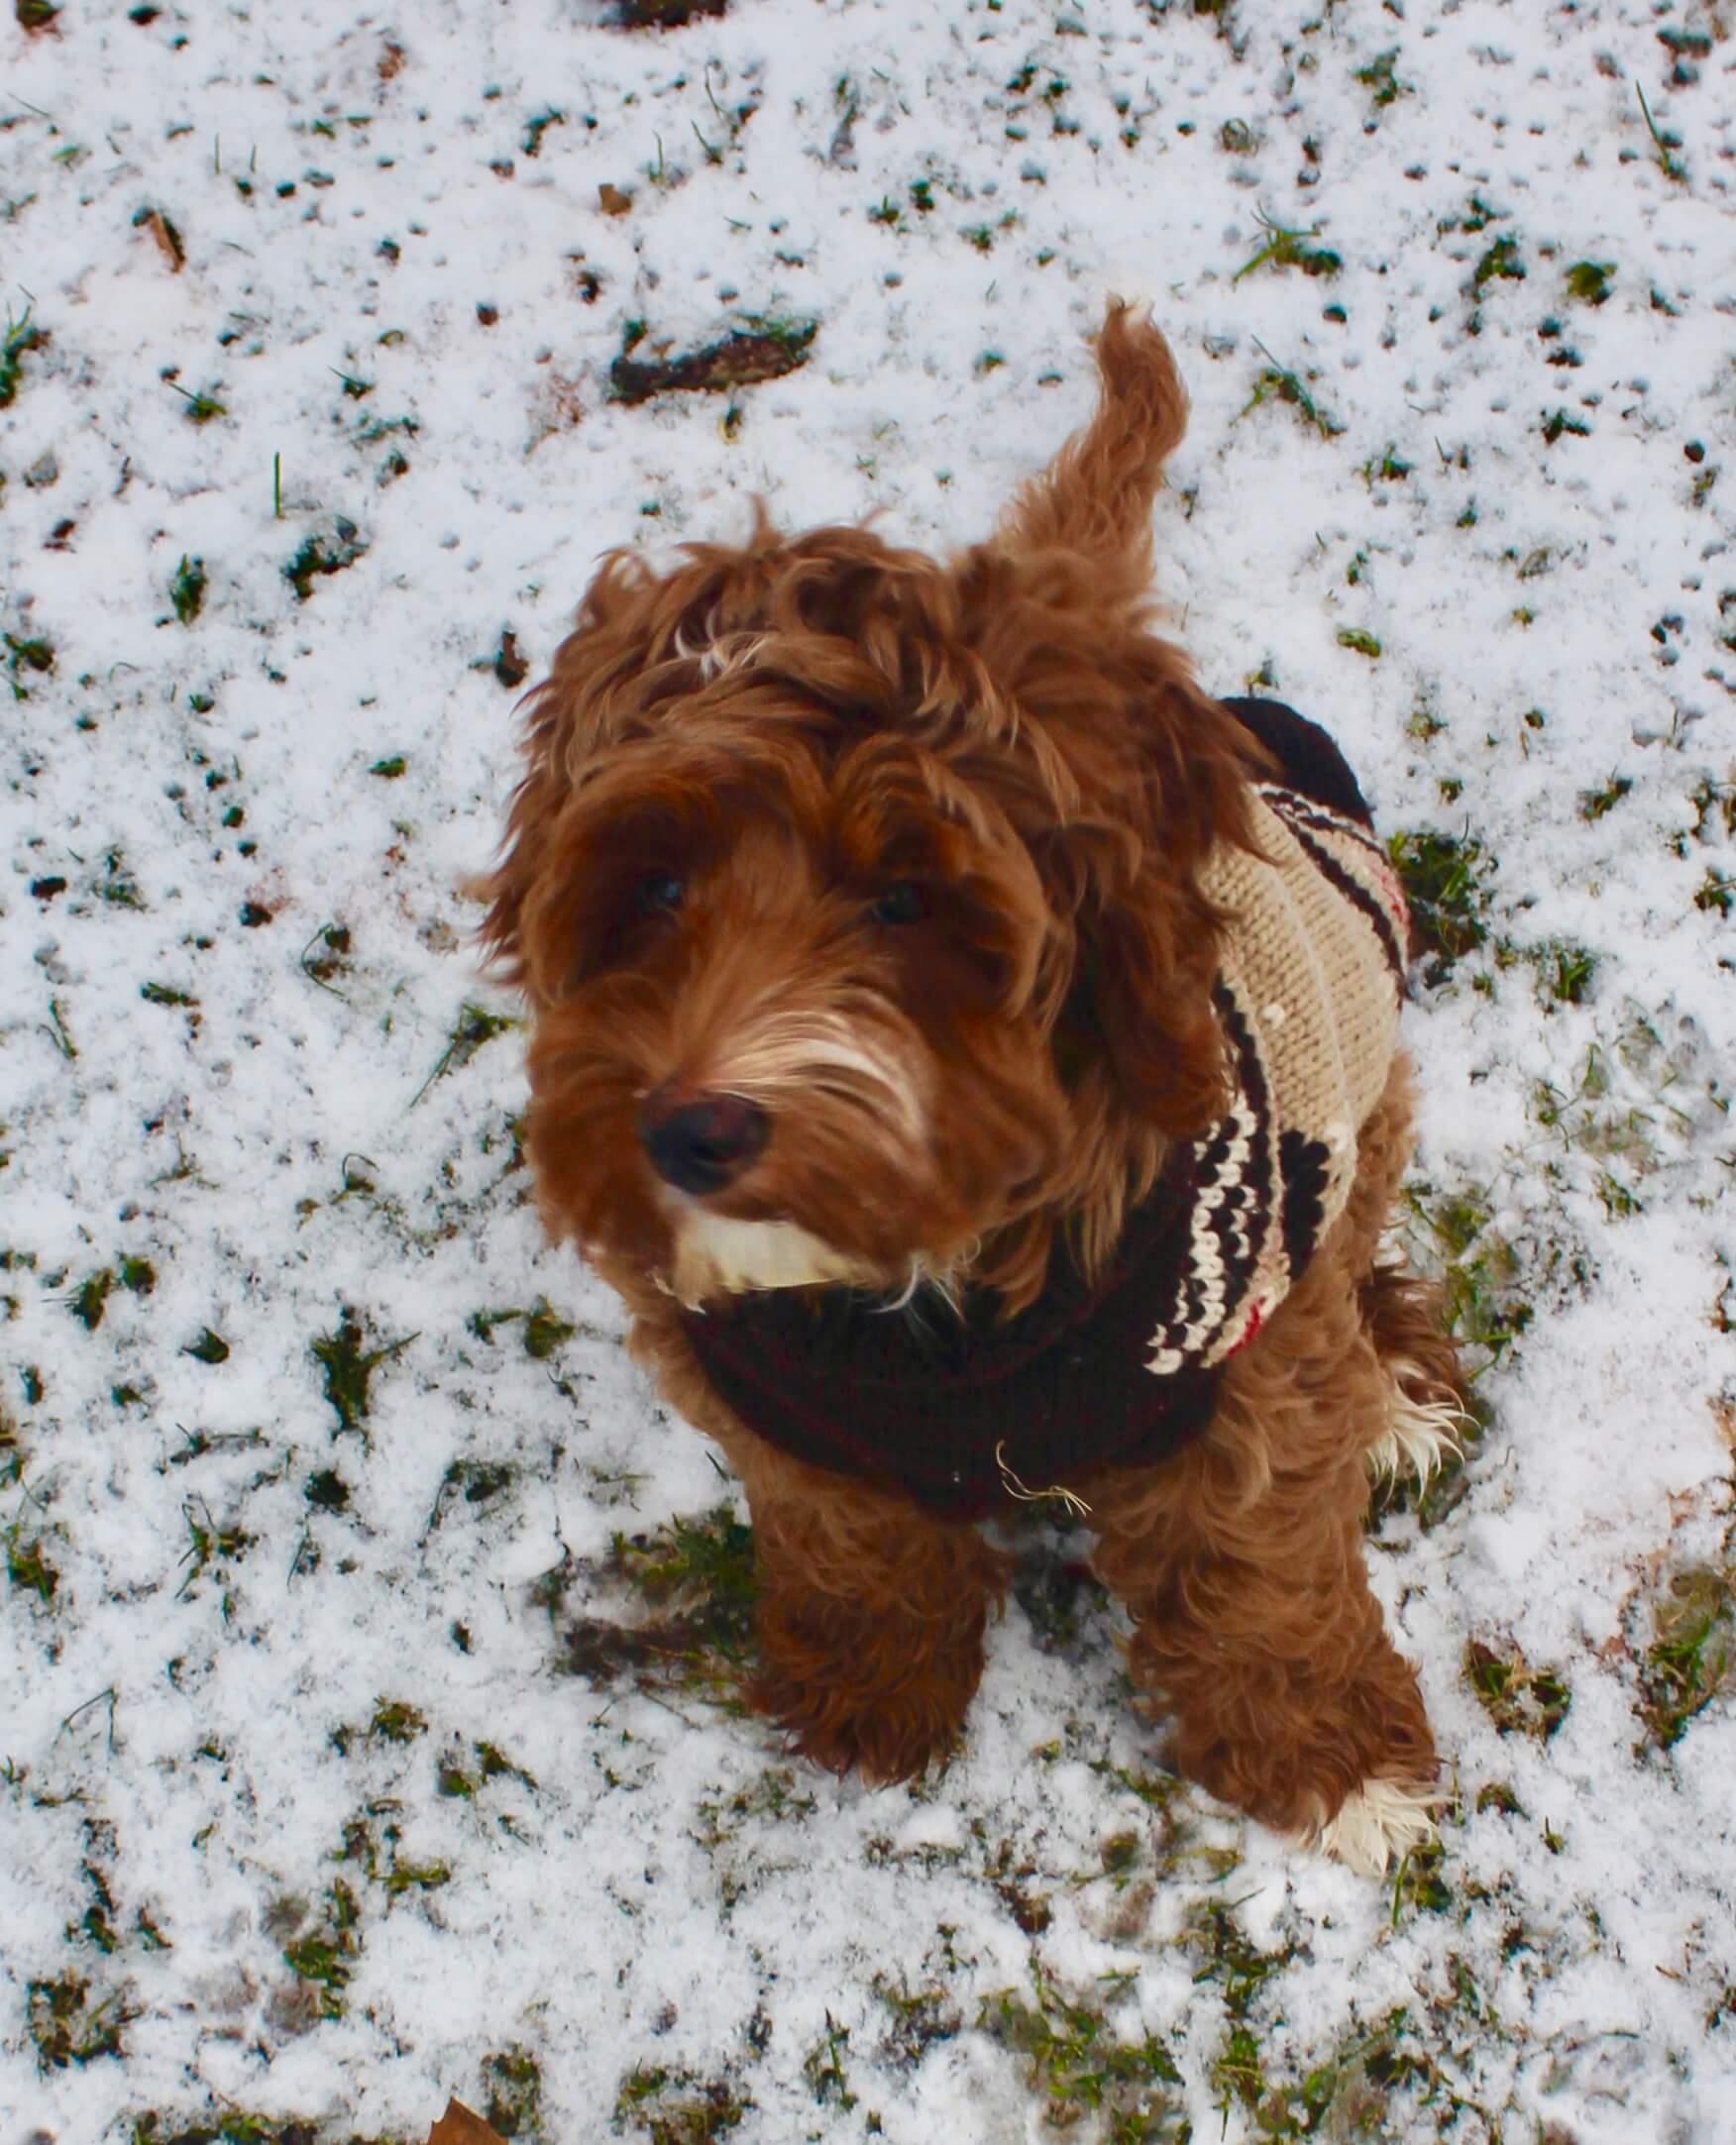 de bästa småhundarna för barn: blandras i snö